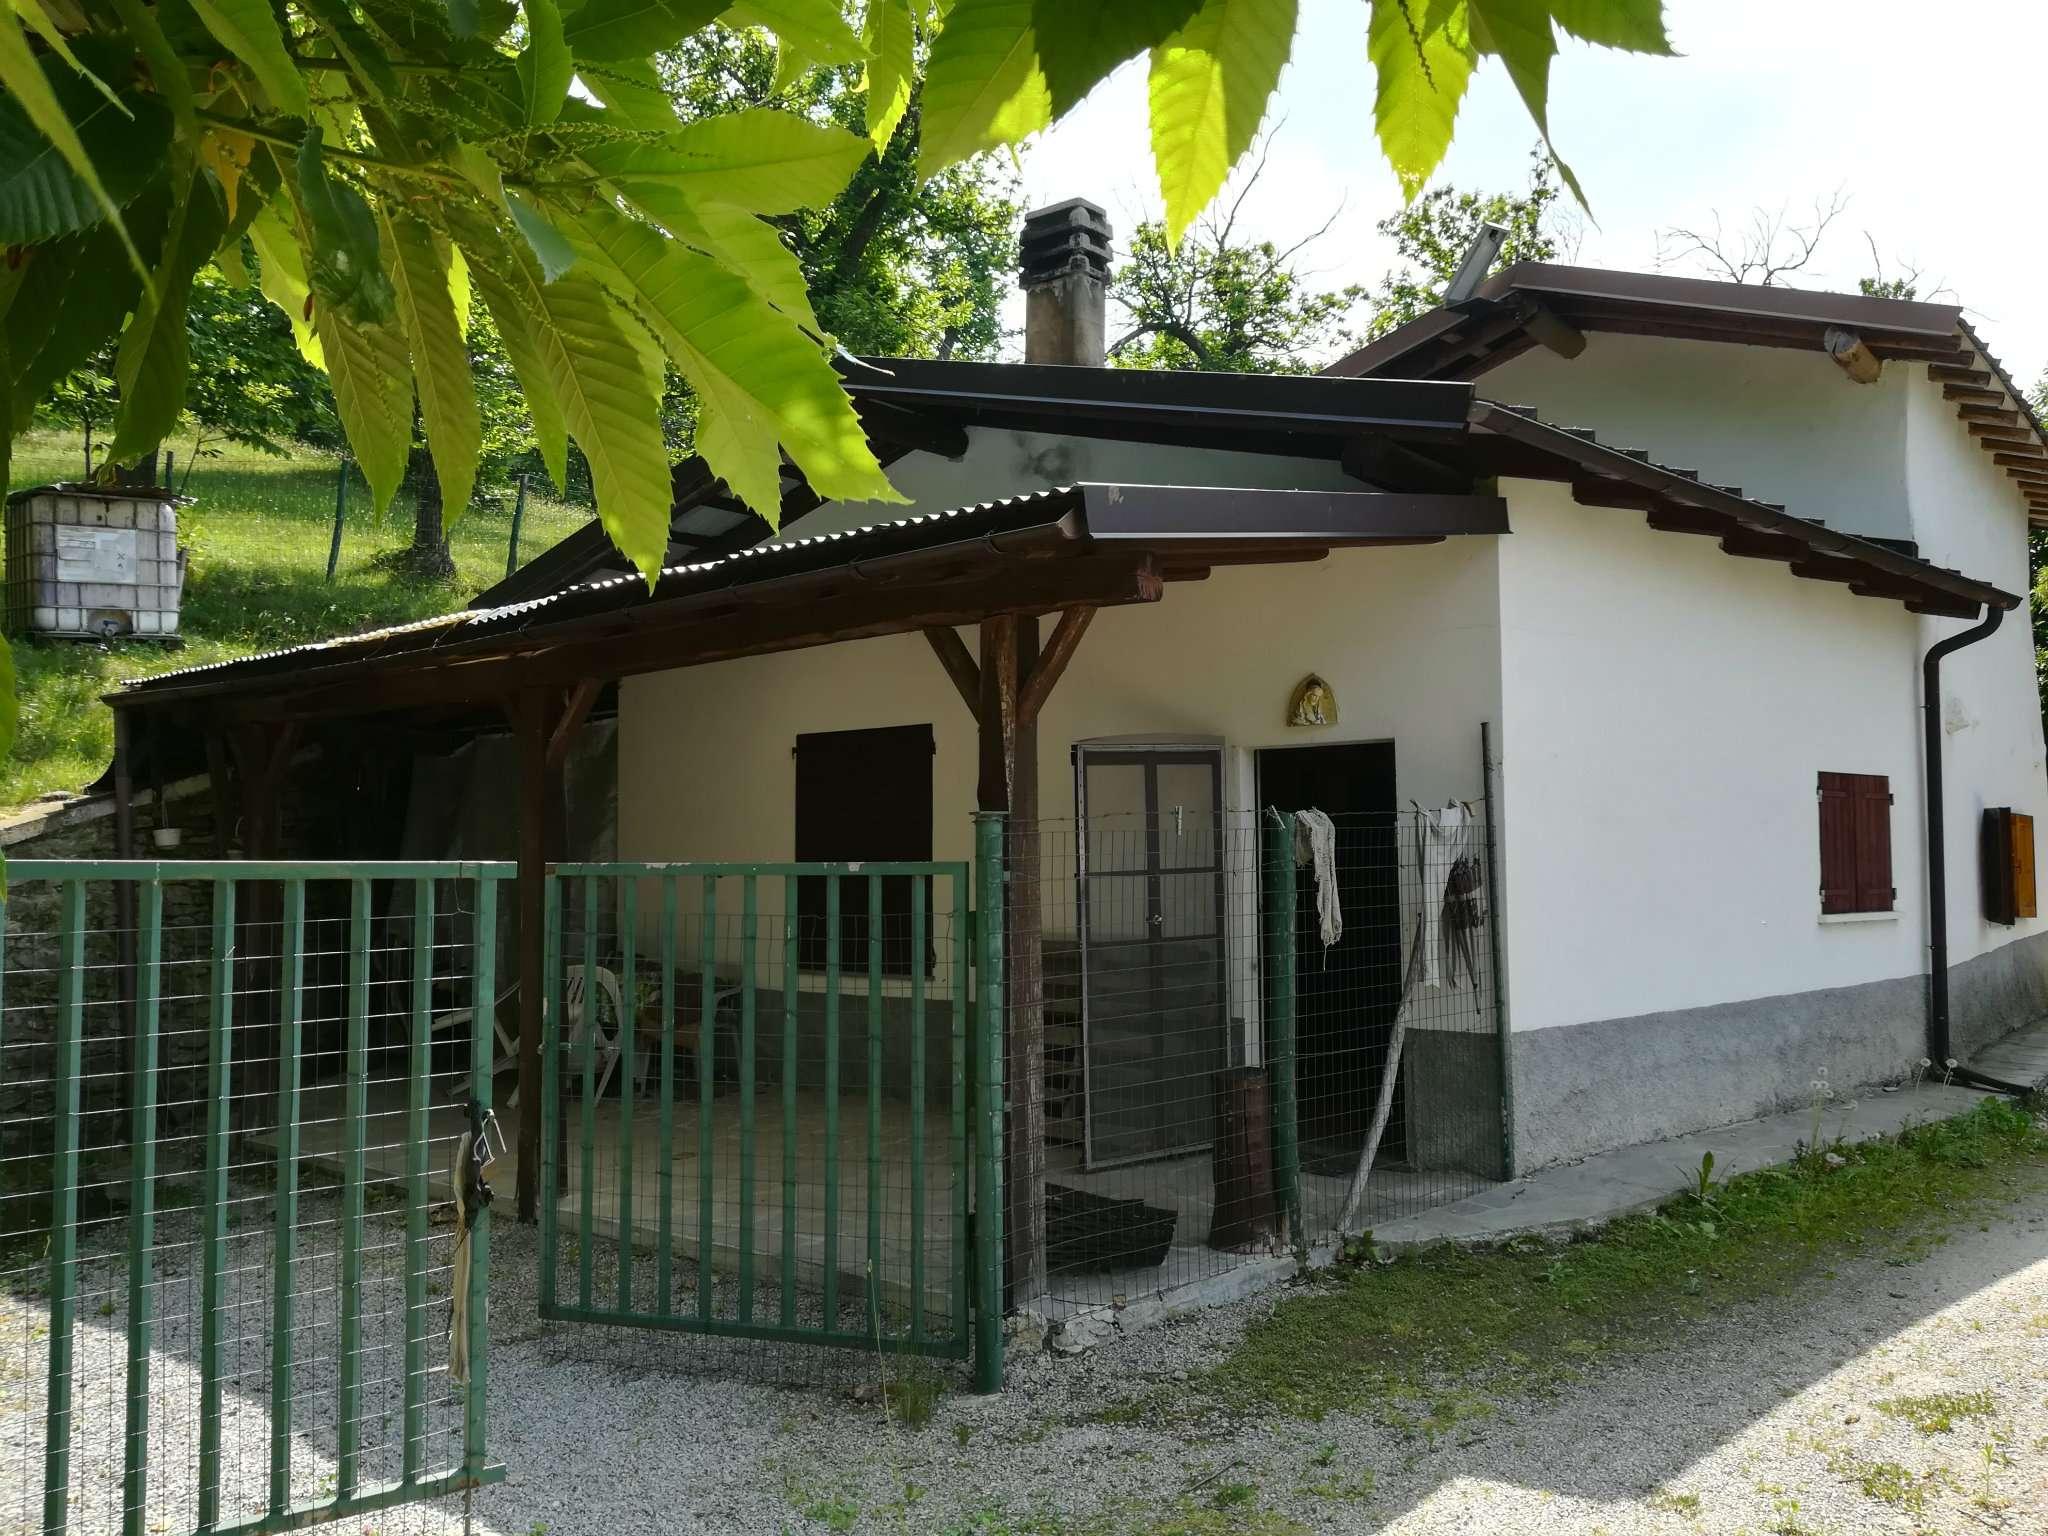 Rustico / Casale in vendita a Monasterolo Casotto, 4 locali, prezzo € 45.000   CambioCasa.it